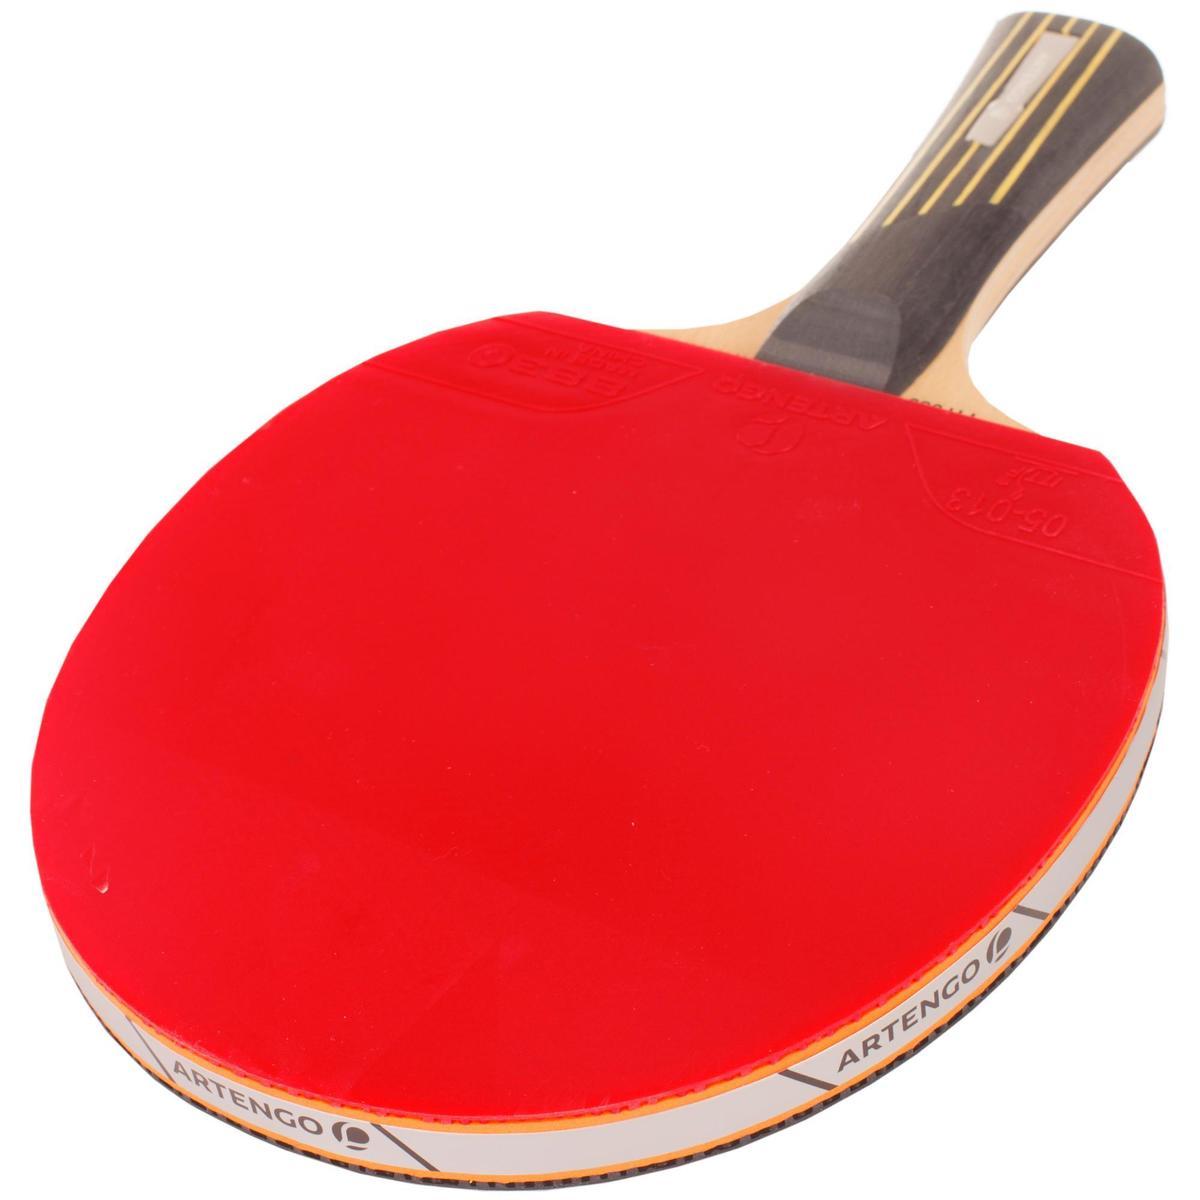 Bild 5 von Tischtennisschläger FR 930 5*